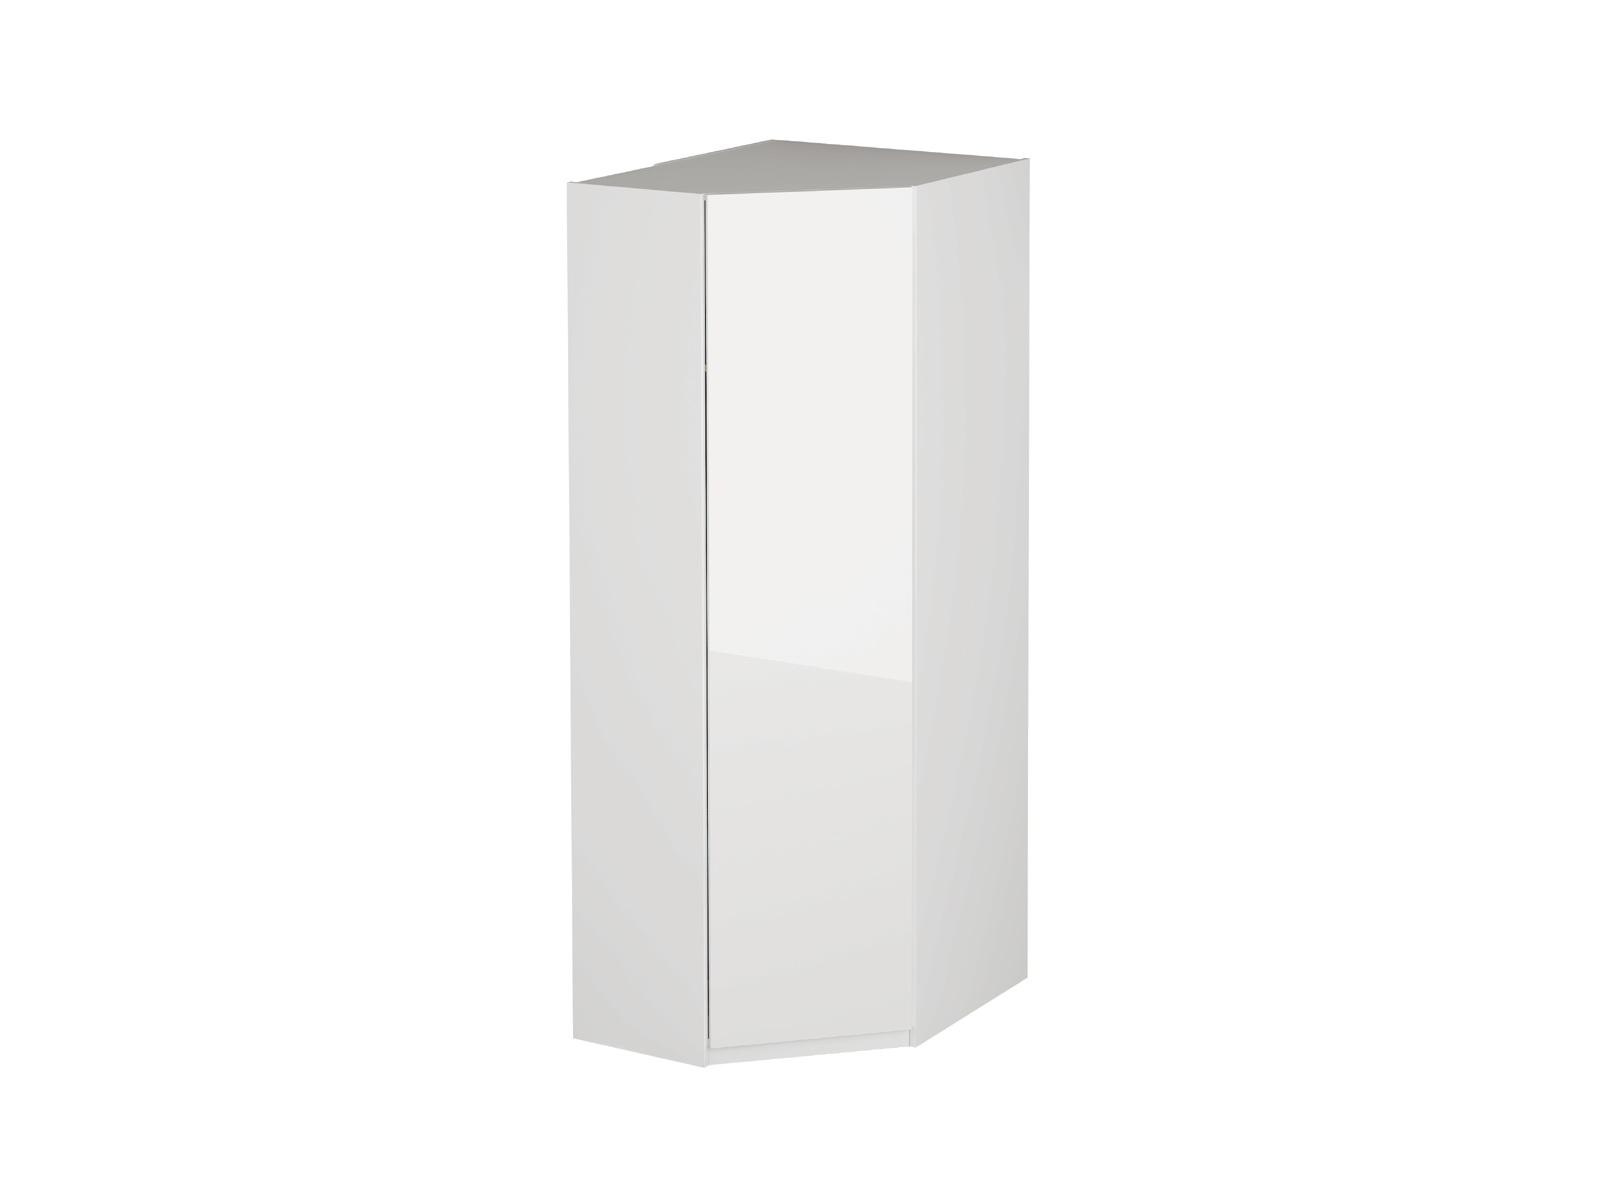 Шкаф IntraПлатяные шкафы<br>&amp;lt;div&amp;gt;Особенностью коллекции для спальни Intra являются фасады, естественная белизна которых стала возможна благодаря использованию осветленного прозрачного стекла европейского производства.&amp;amp;nbsp;&amp;lt;/div&amp;gt;&amp;lt;div&amp;gt;&amp;lt;br&amp;gt;&amp;lt;/div&amp;gt;&amp;lt;div&amp;gt;Материалы:&amp;lt;/div&amp;gt;&amp;lt;div&amp;gt;Каркас: ЛДСП толщиной 16мм.&amp;lt;/div&amp;gt;&amp;lt;div&amp;gt;Фасад: ЛДСП толщиной 16мм. С наклеенным стеклом&amp;lt;/div&amp;gt;&amp;lt;div&amp;gt;Задняя стенка – ДВПО 3,2 мм.&amp;lt;/div&amp;gt;<br><br>Material: ДСП<br>Ширина см: 93<br>Высота см: 210<br>Глубина см: 75